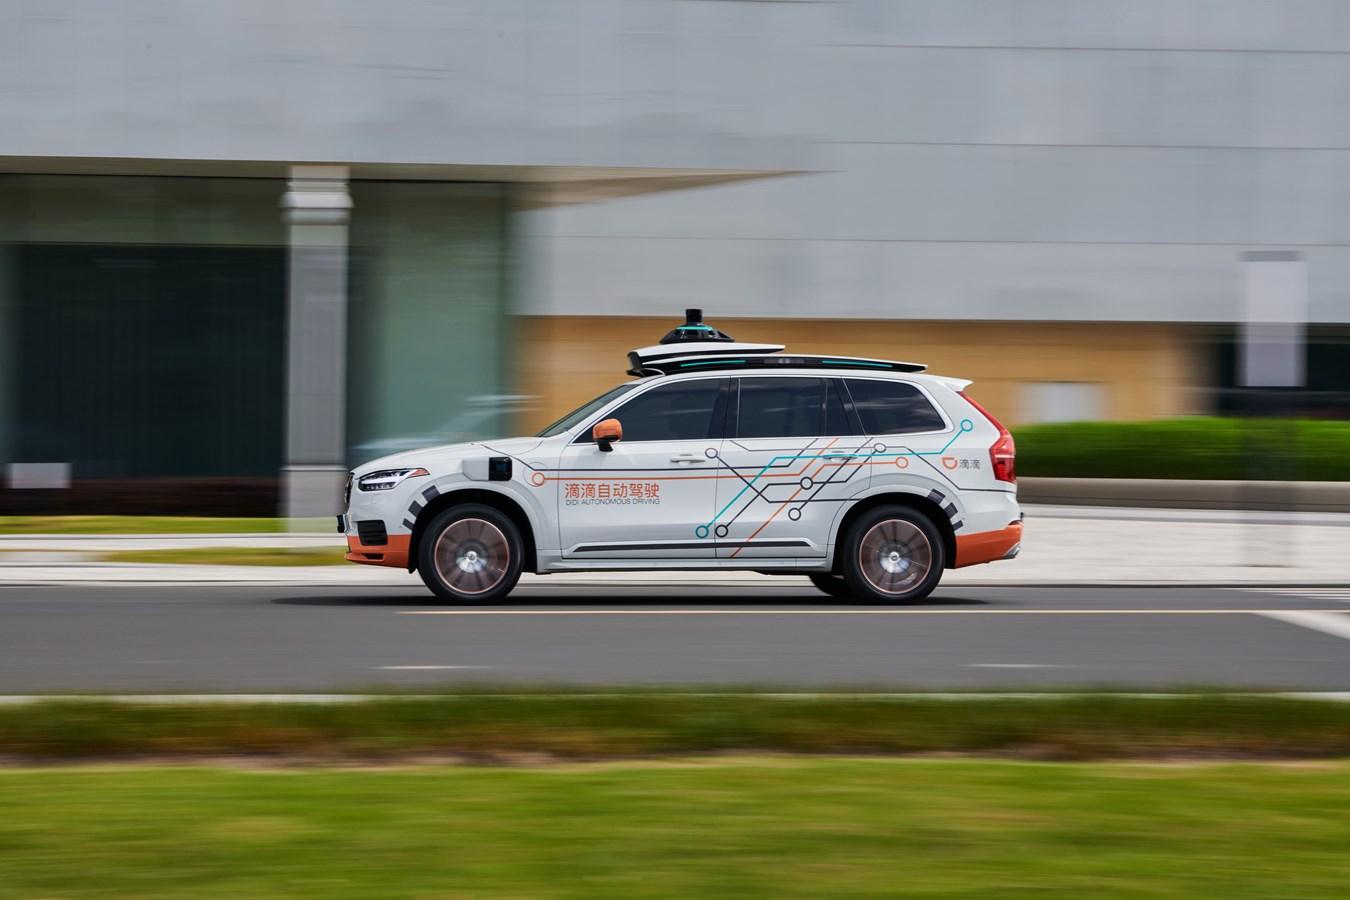 Volvo Cars kooperiert mit Mobilitäts-Technologieplattform DiDi beim autonomen Fahren